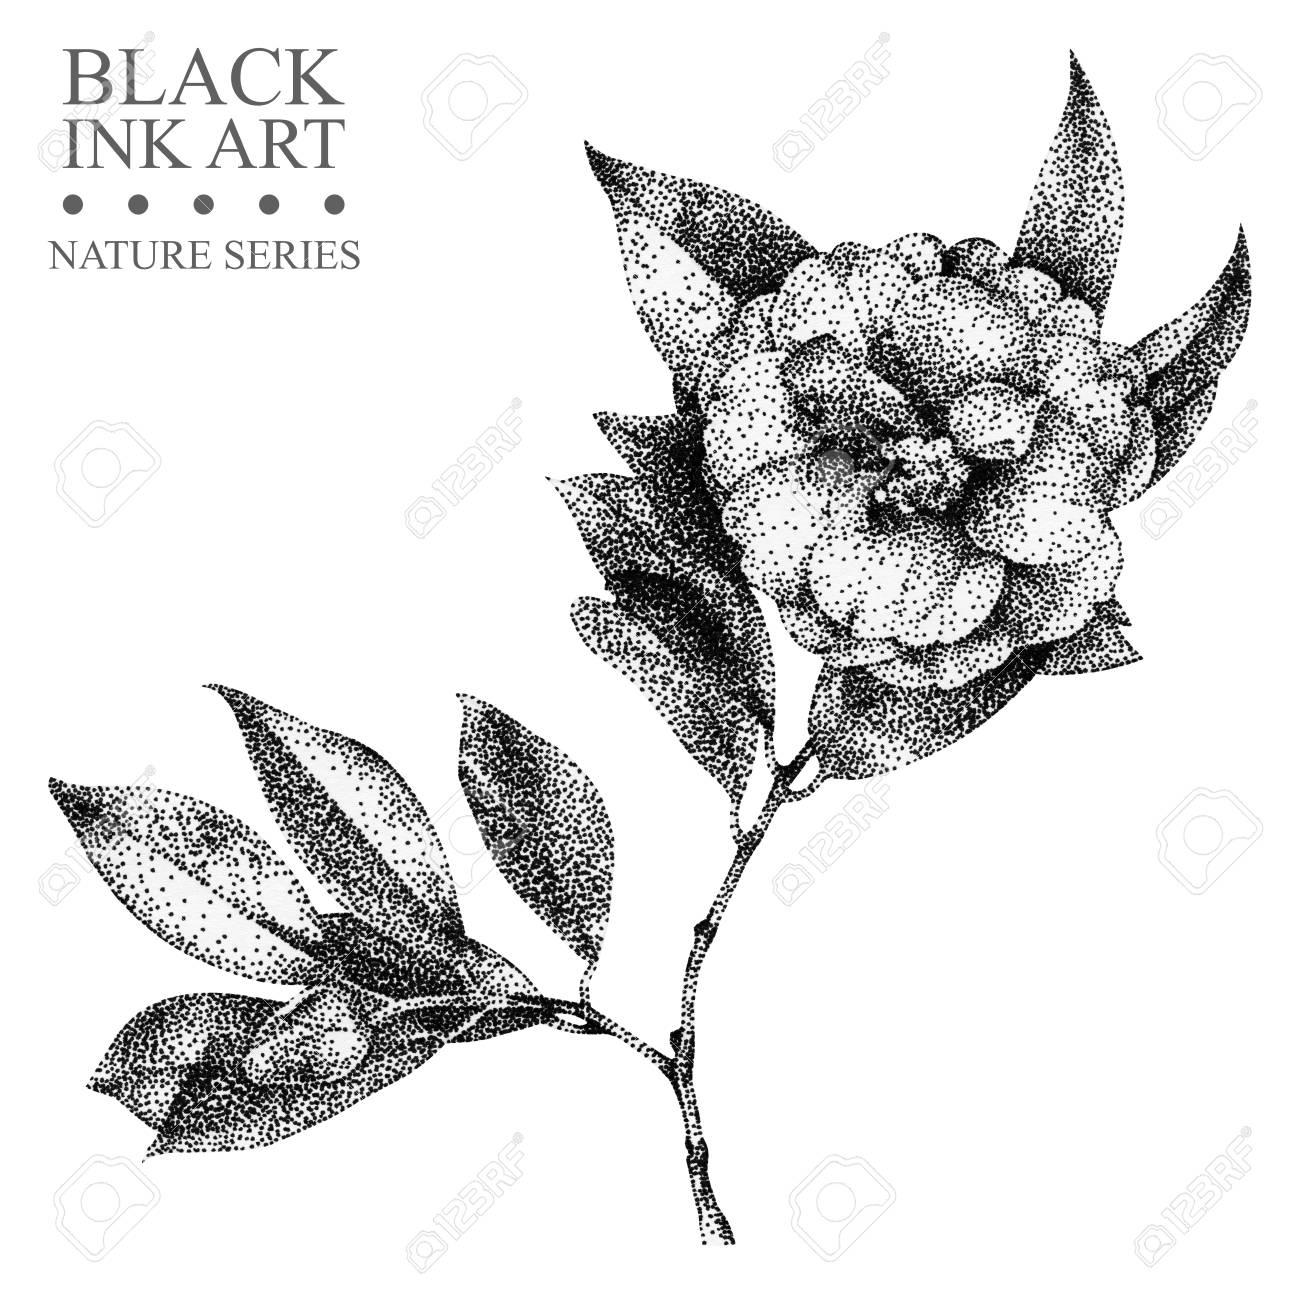 黒インクで手書きの花椿のイラストグラフィックの描画点描技法花の